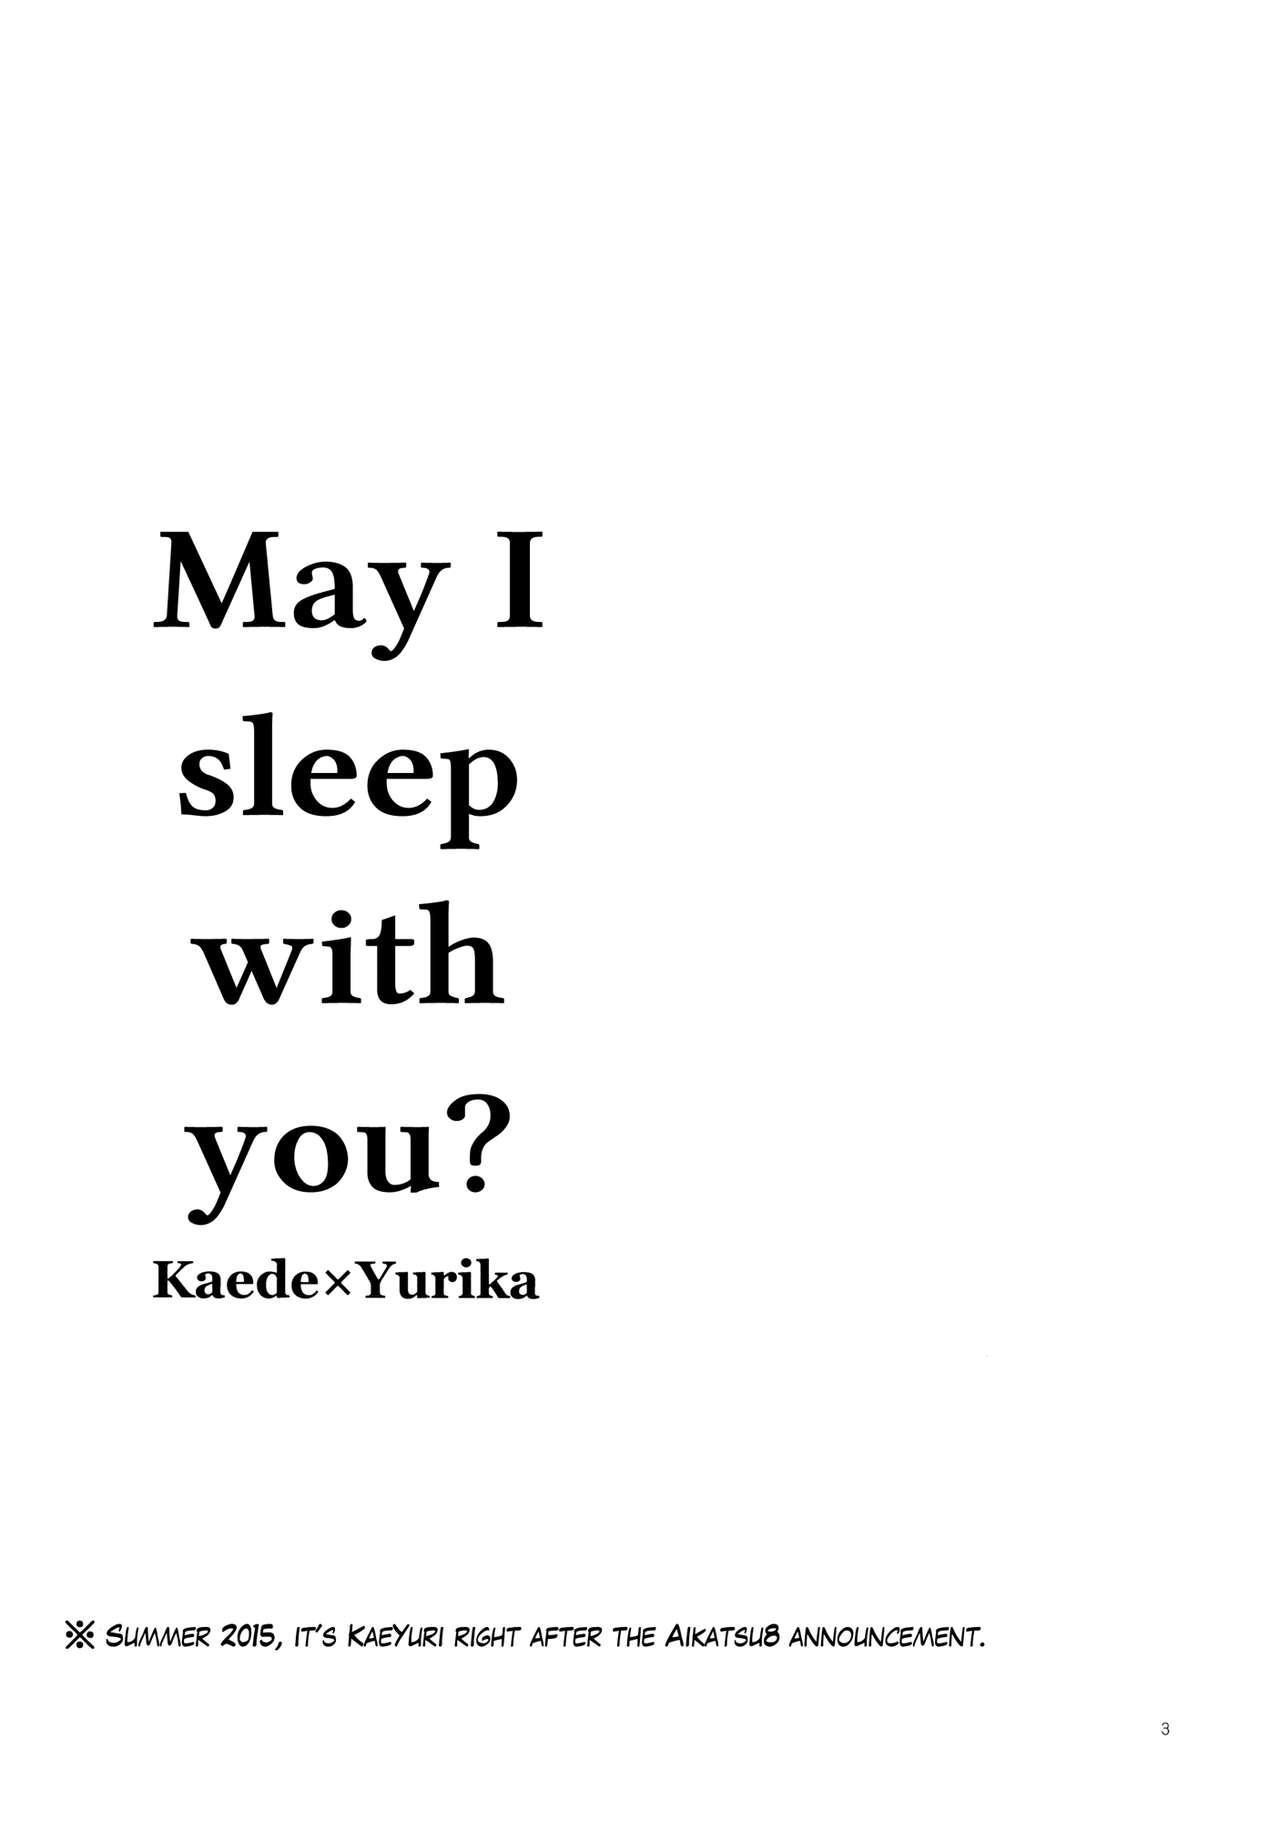 Issho ni Nete mo Ii desu ka? | May I sleep with you 2